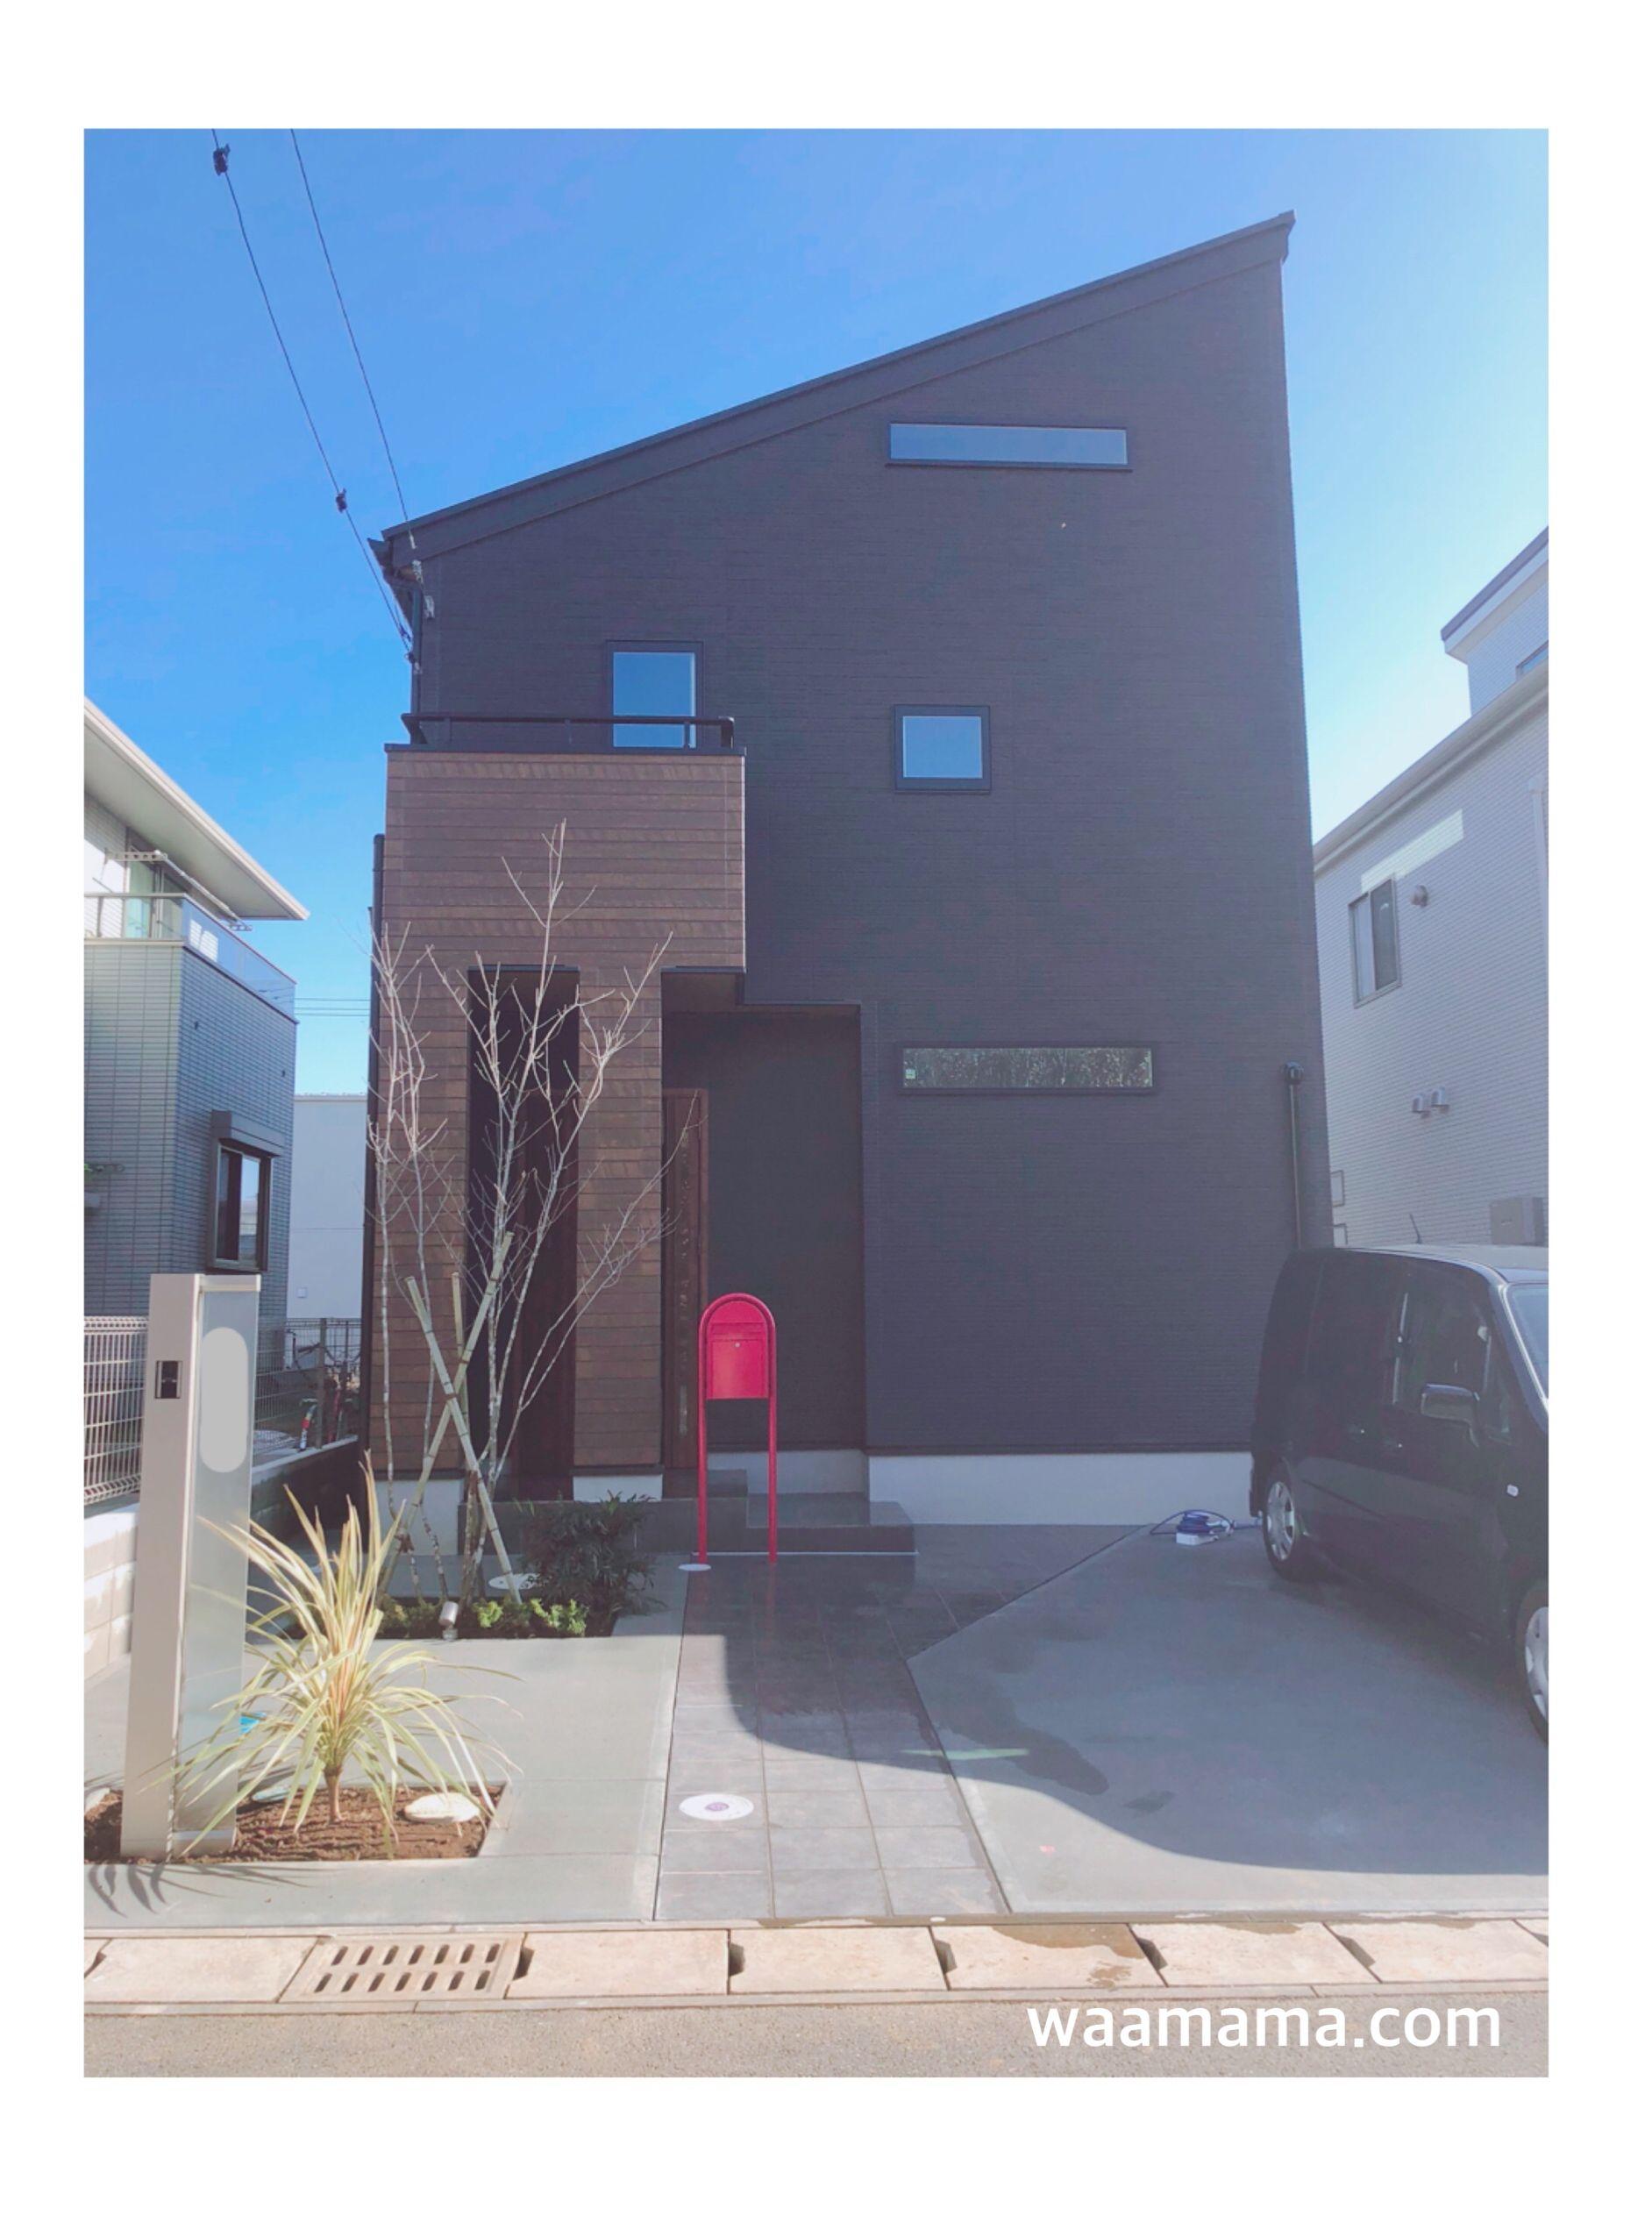 大成功 黒い外壁 赤いポストが相性抜群すぎて大満足の外構 住宅